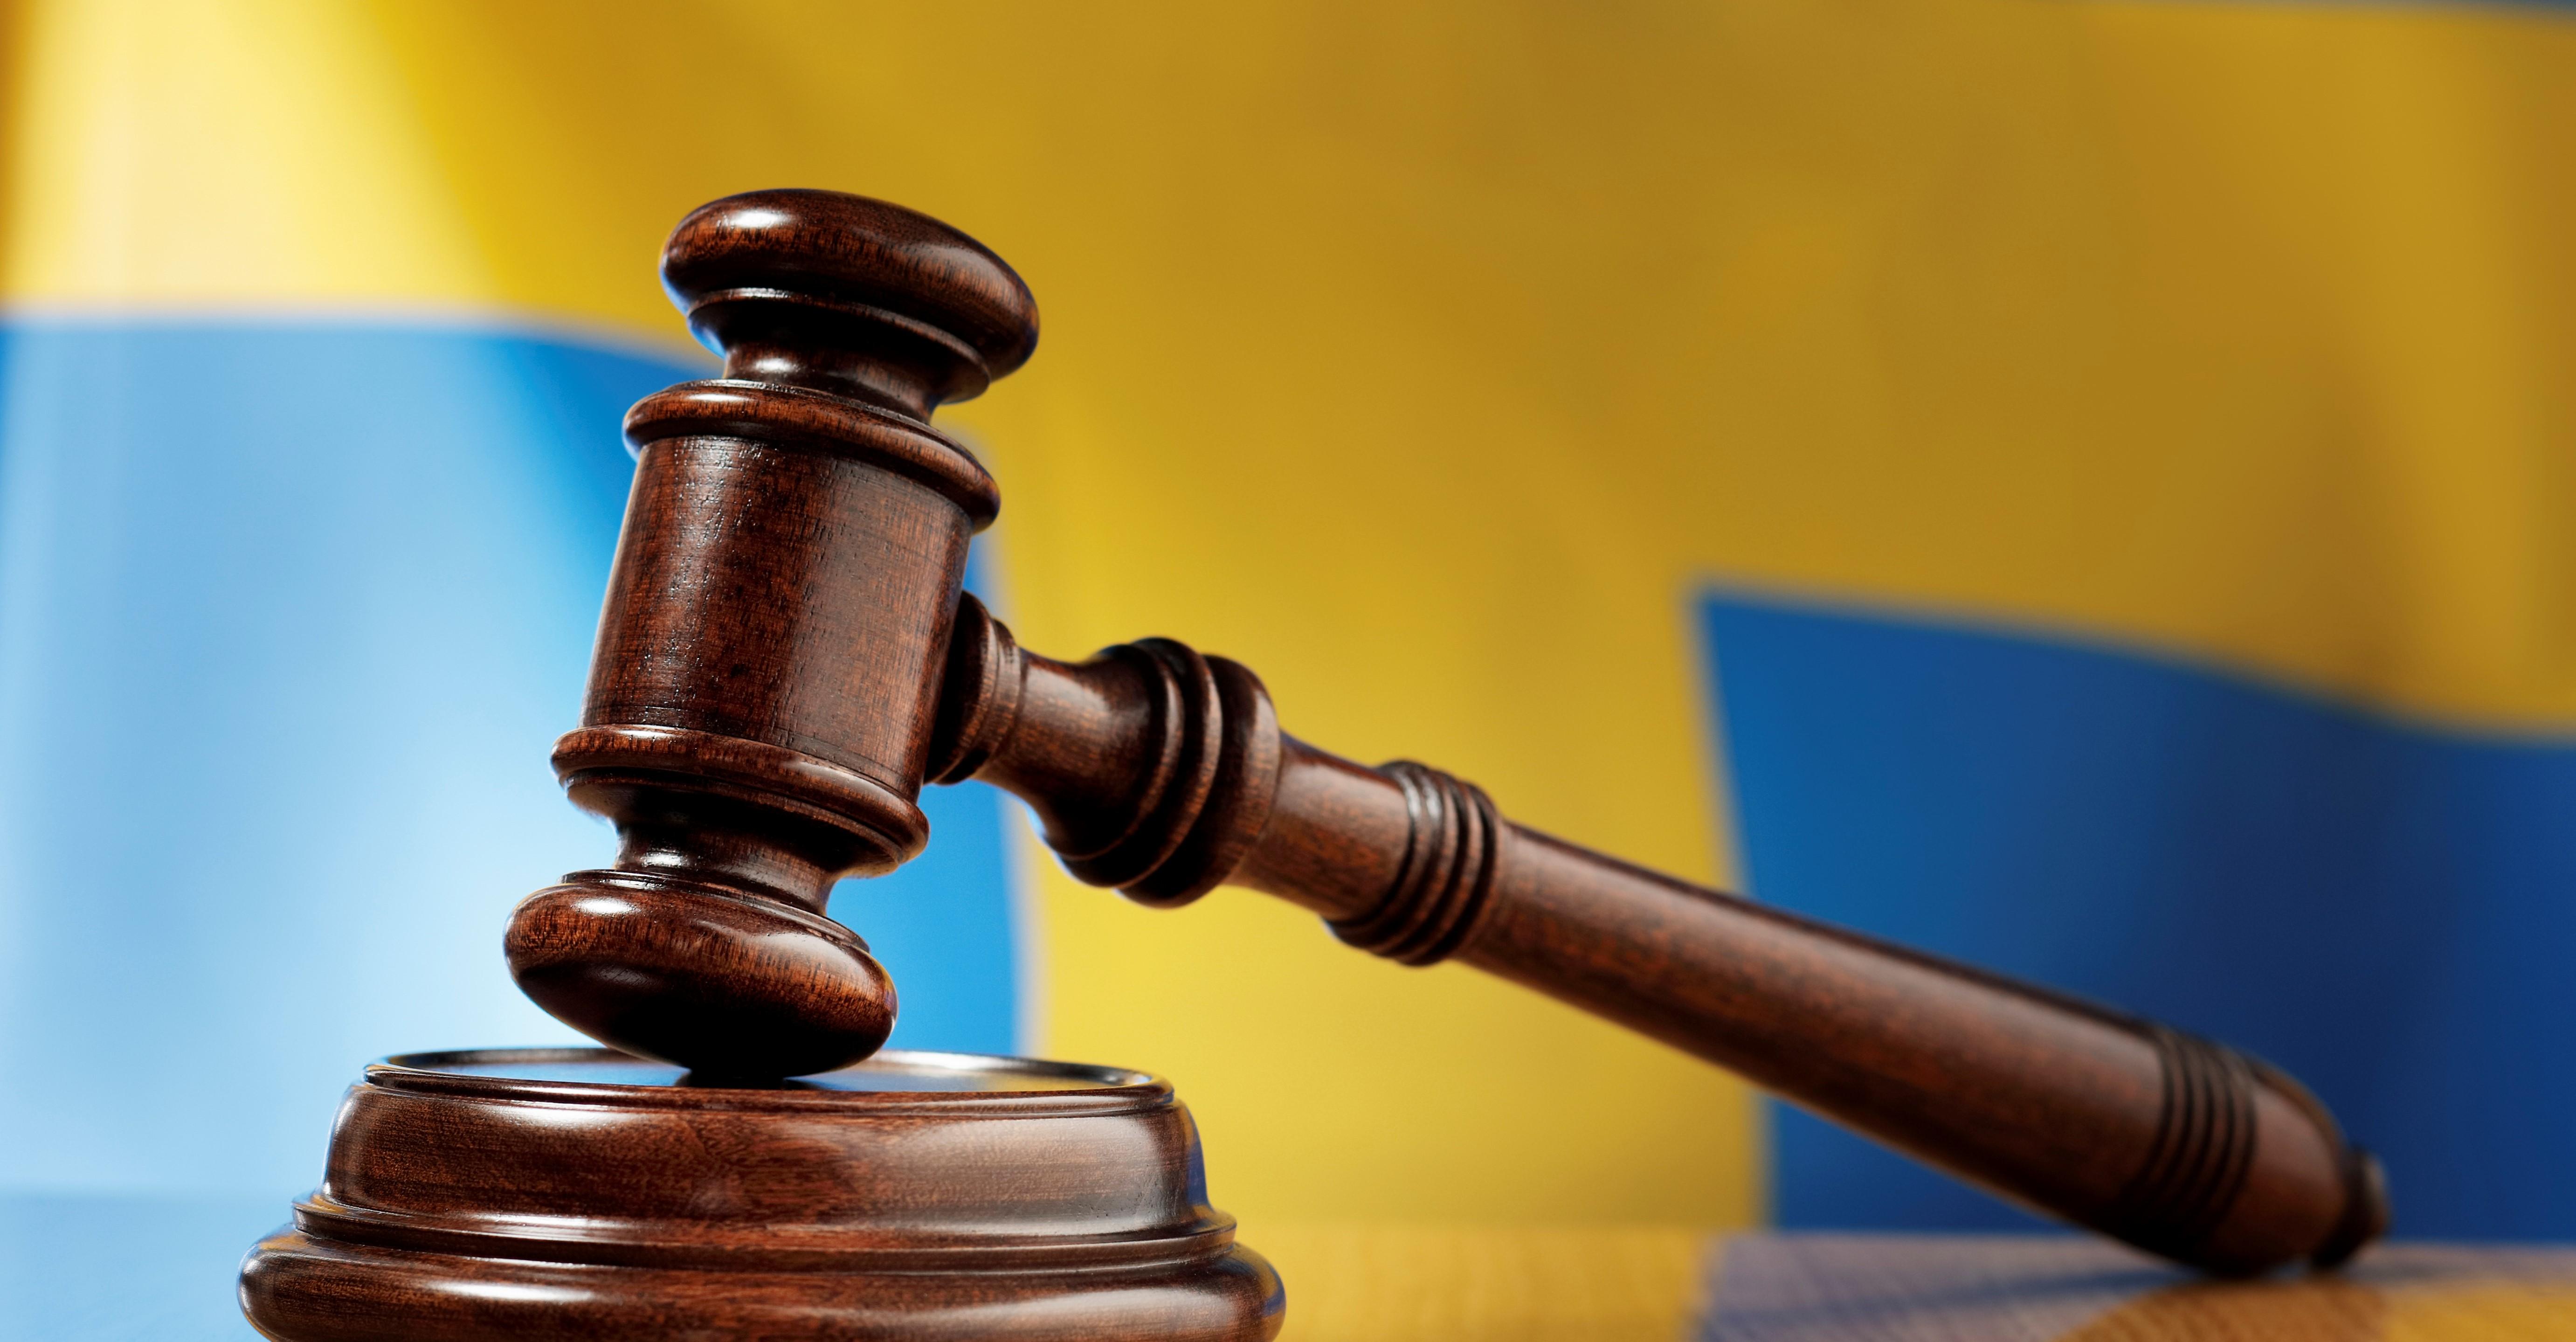 Anbud365: Trosser domstolen, avvist leverandør får ikke prøve seg i ny konkurranse